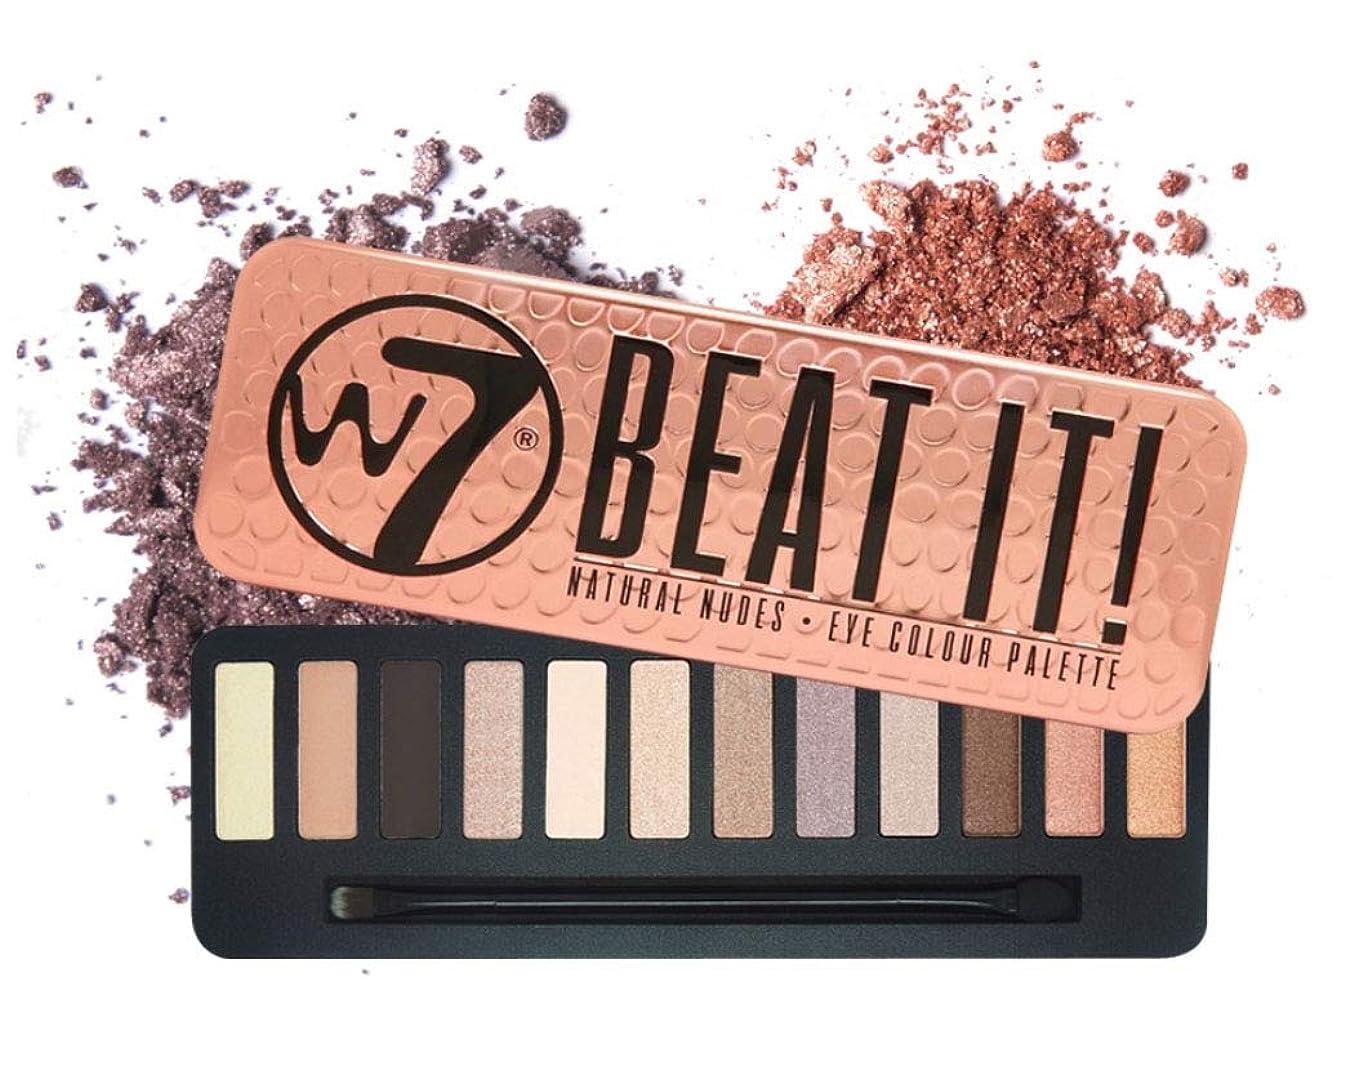 変換する記者鹿W7 Beat It! Eye Colour Palette 英国感性ビューティーブランド,実用的なデイリーメイクが可能なアイシャドウ、内蔵ブラシ含む(海外直送品)